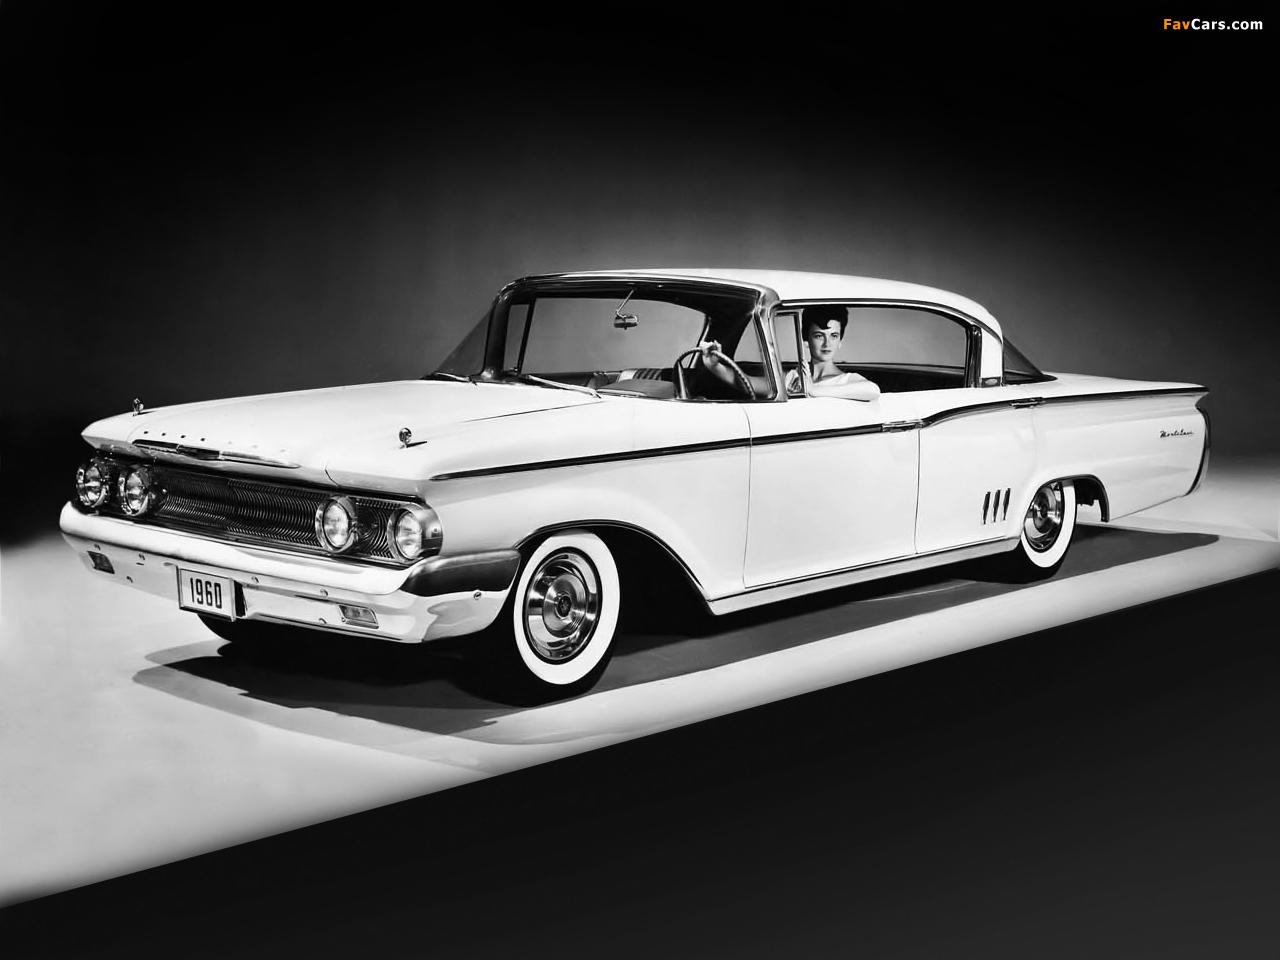 4 Door Car >> Mercury Montclair 4-door Hardtop Cruiser 1960 pictures ...